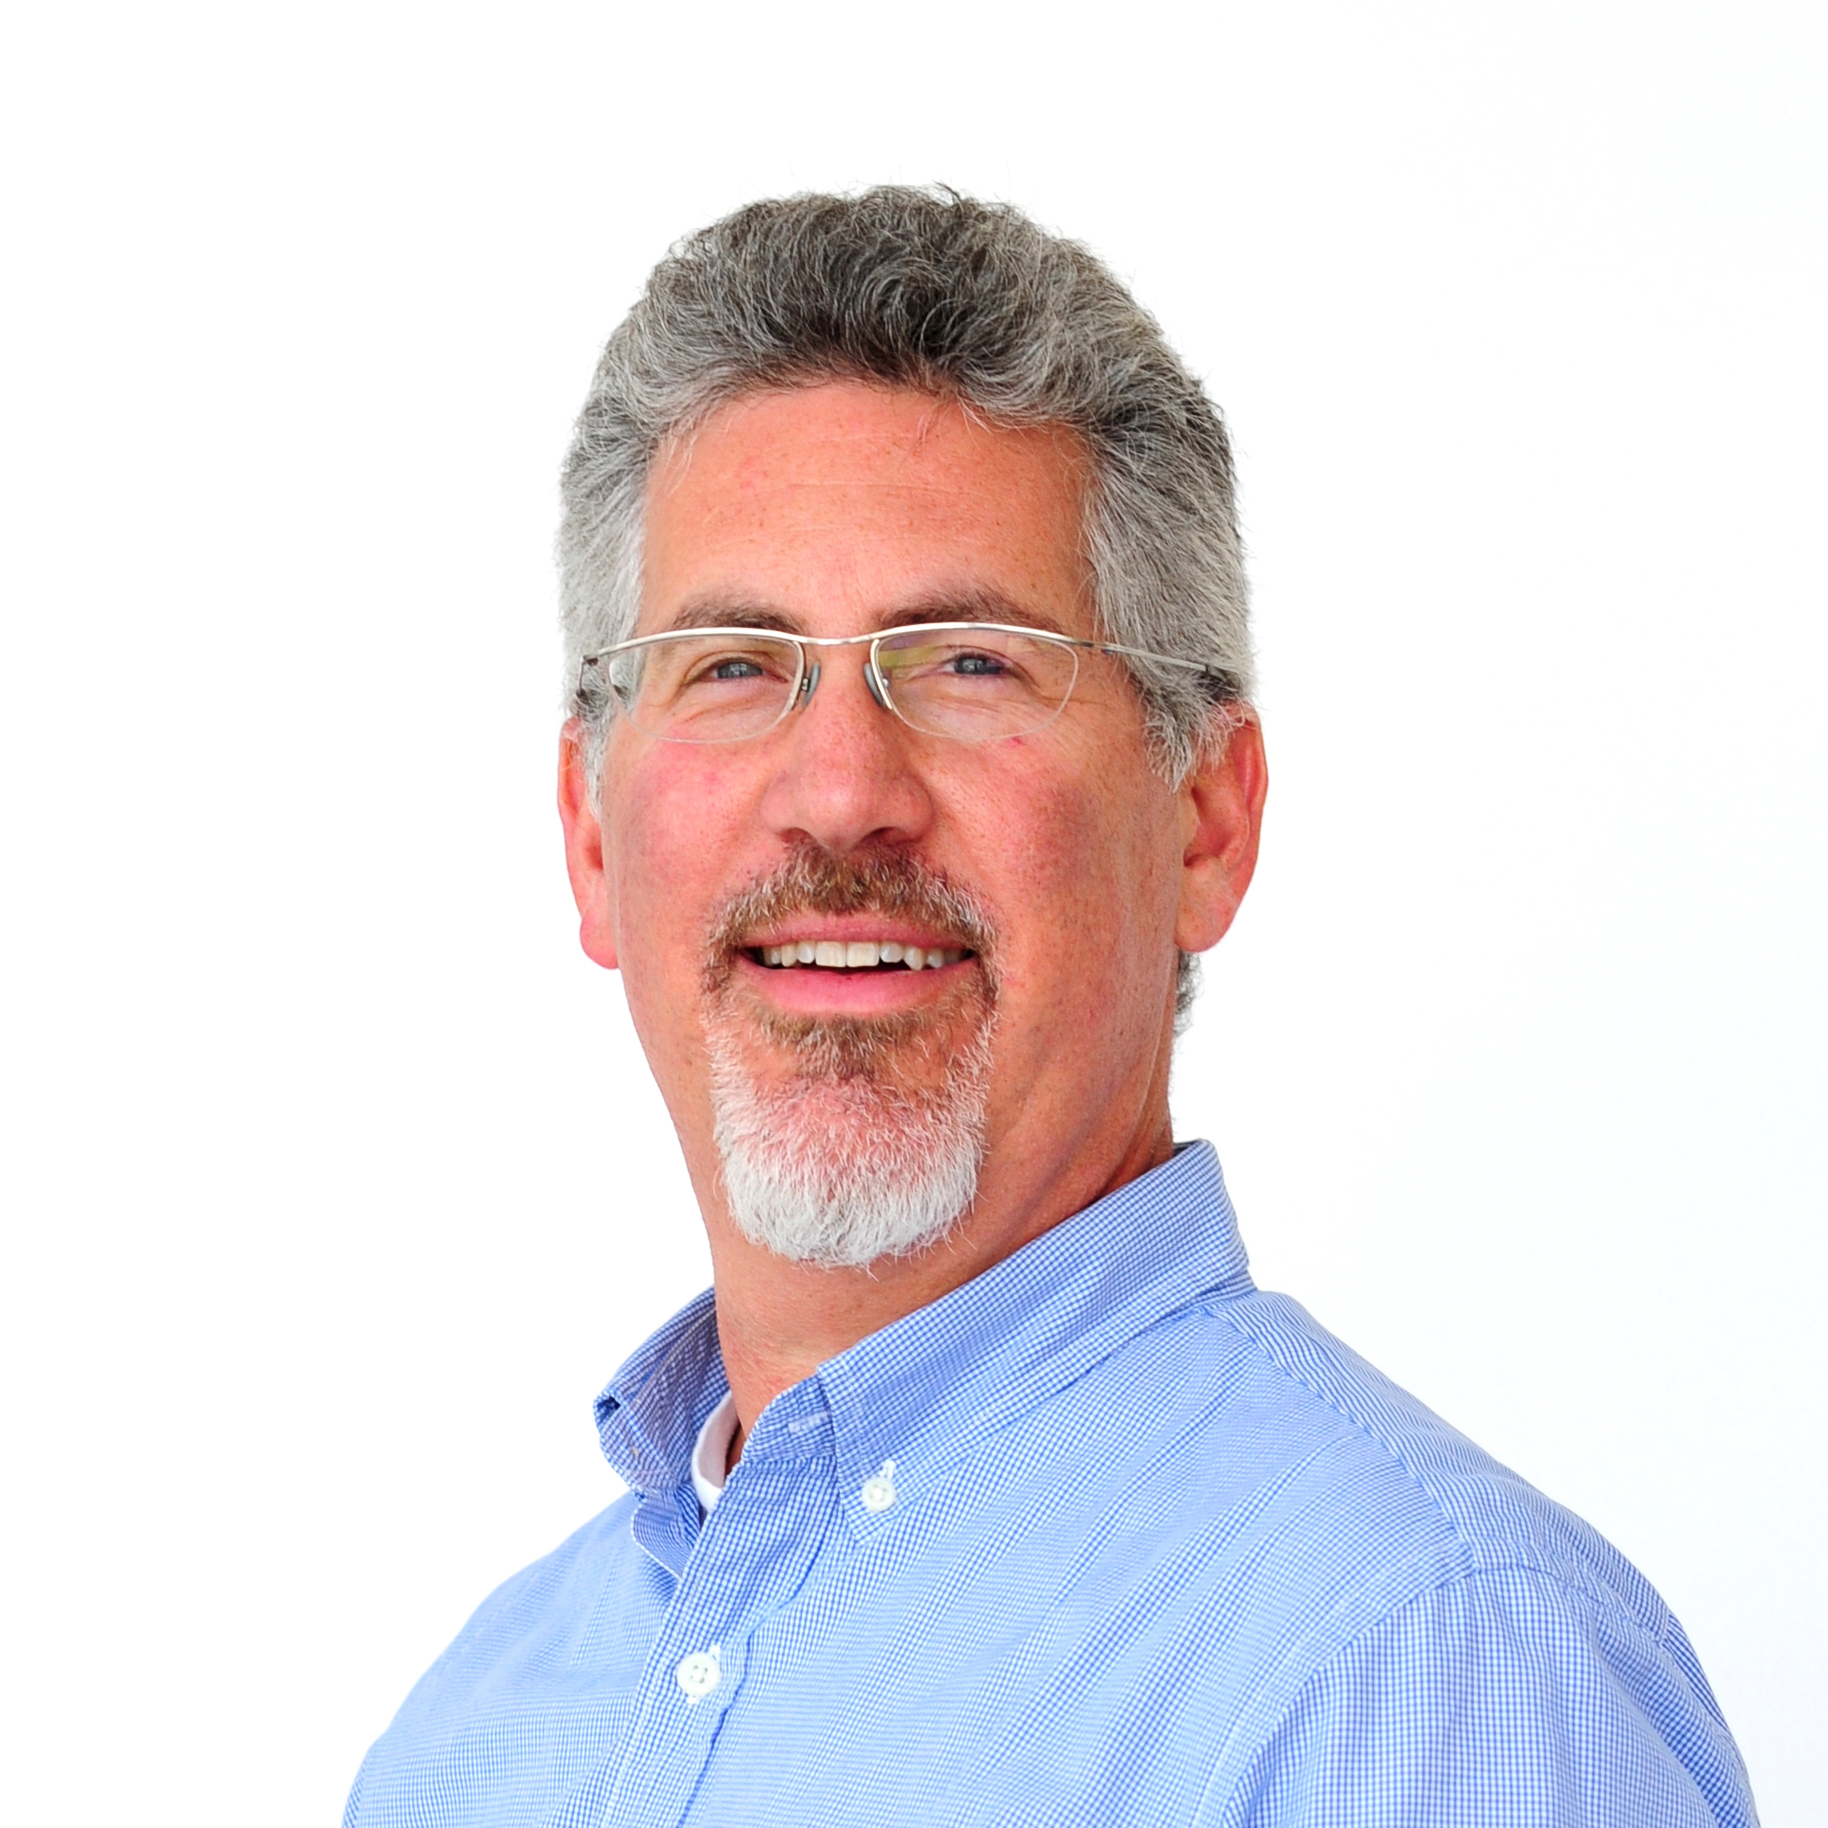 Aaron Schachter